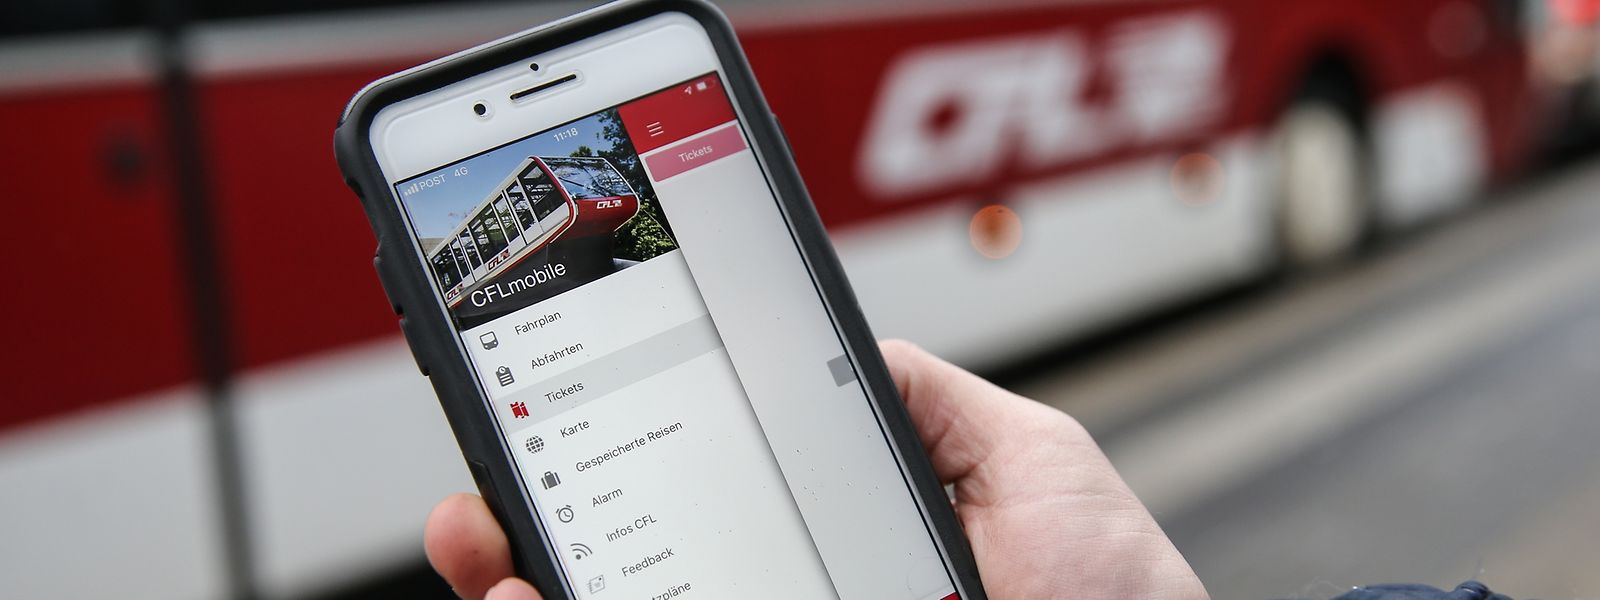 IPO Illustration Gratis öffentlicher Transport, Mobilität, Bus,Zug Ticket,App, Fahrschein. Foto: Gerry Huberty/Luxemburger Wort